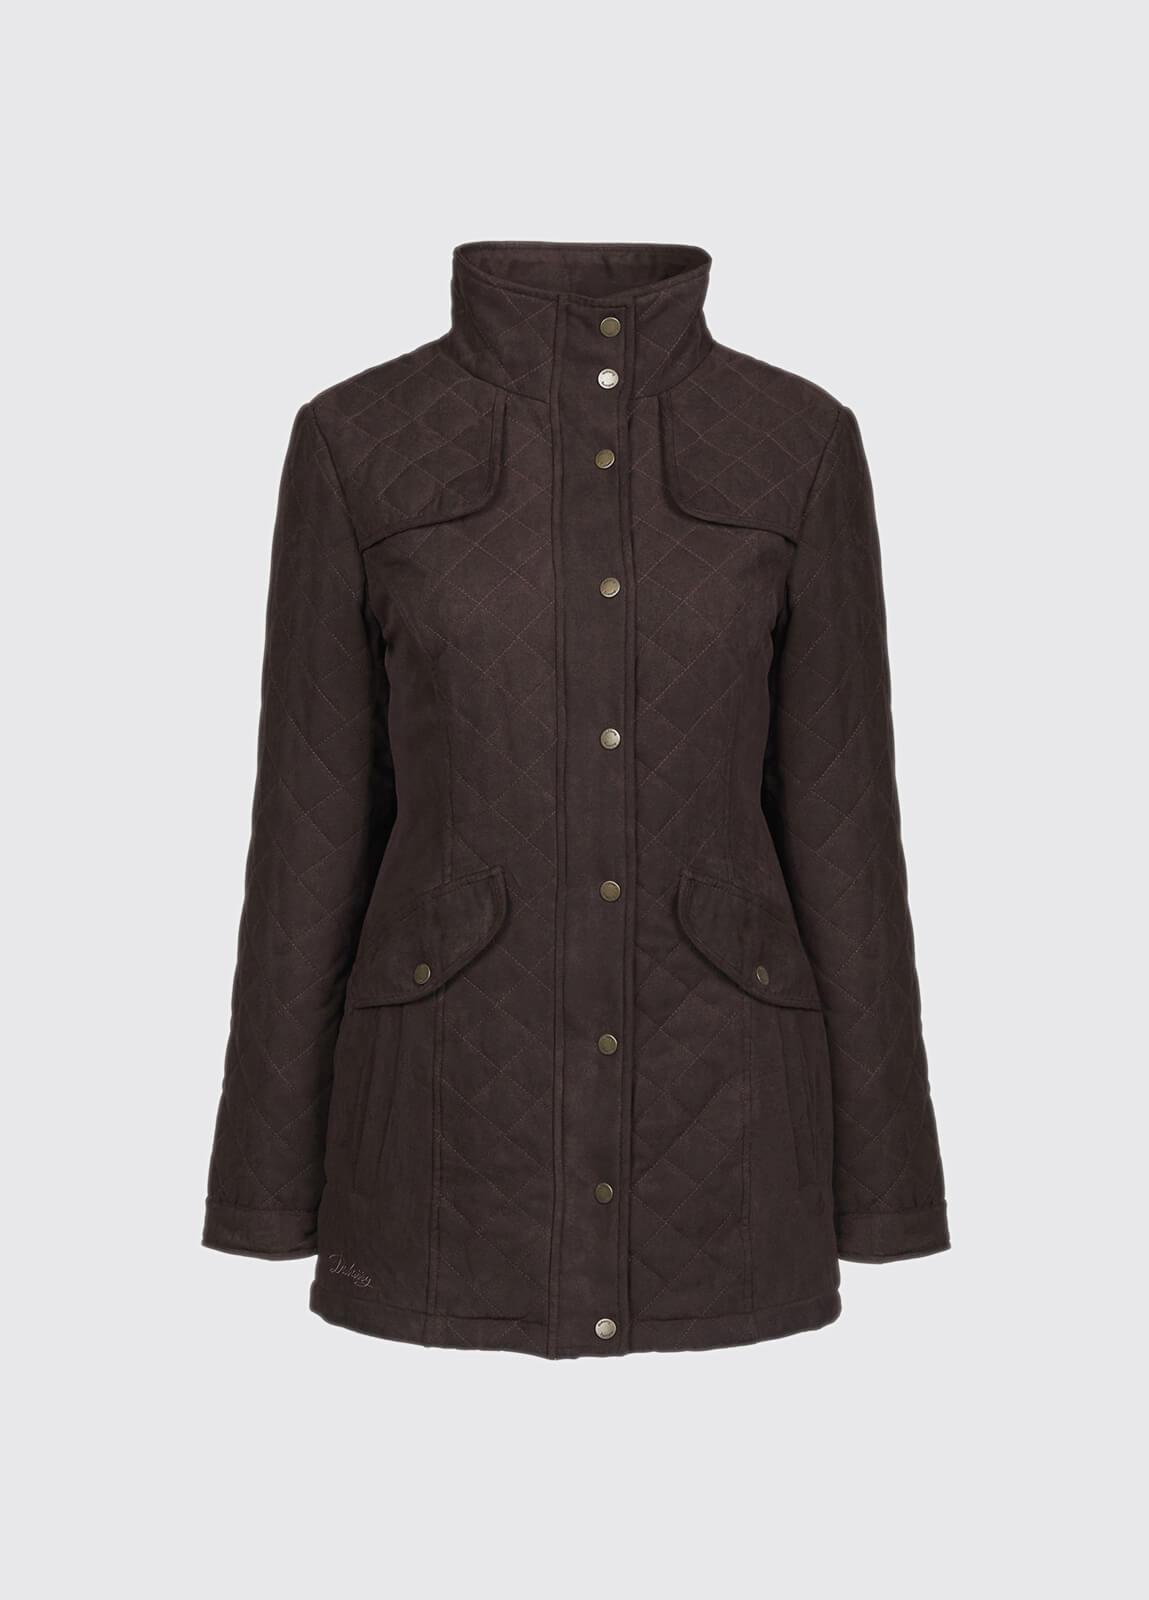 Kanturk Womens Quilted Coat - Chestnut